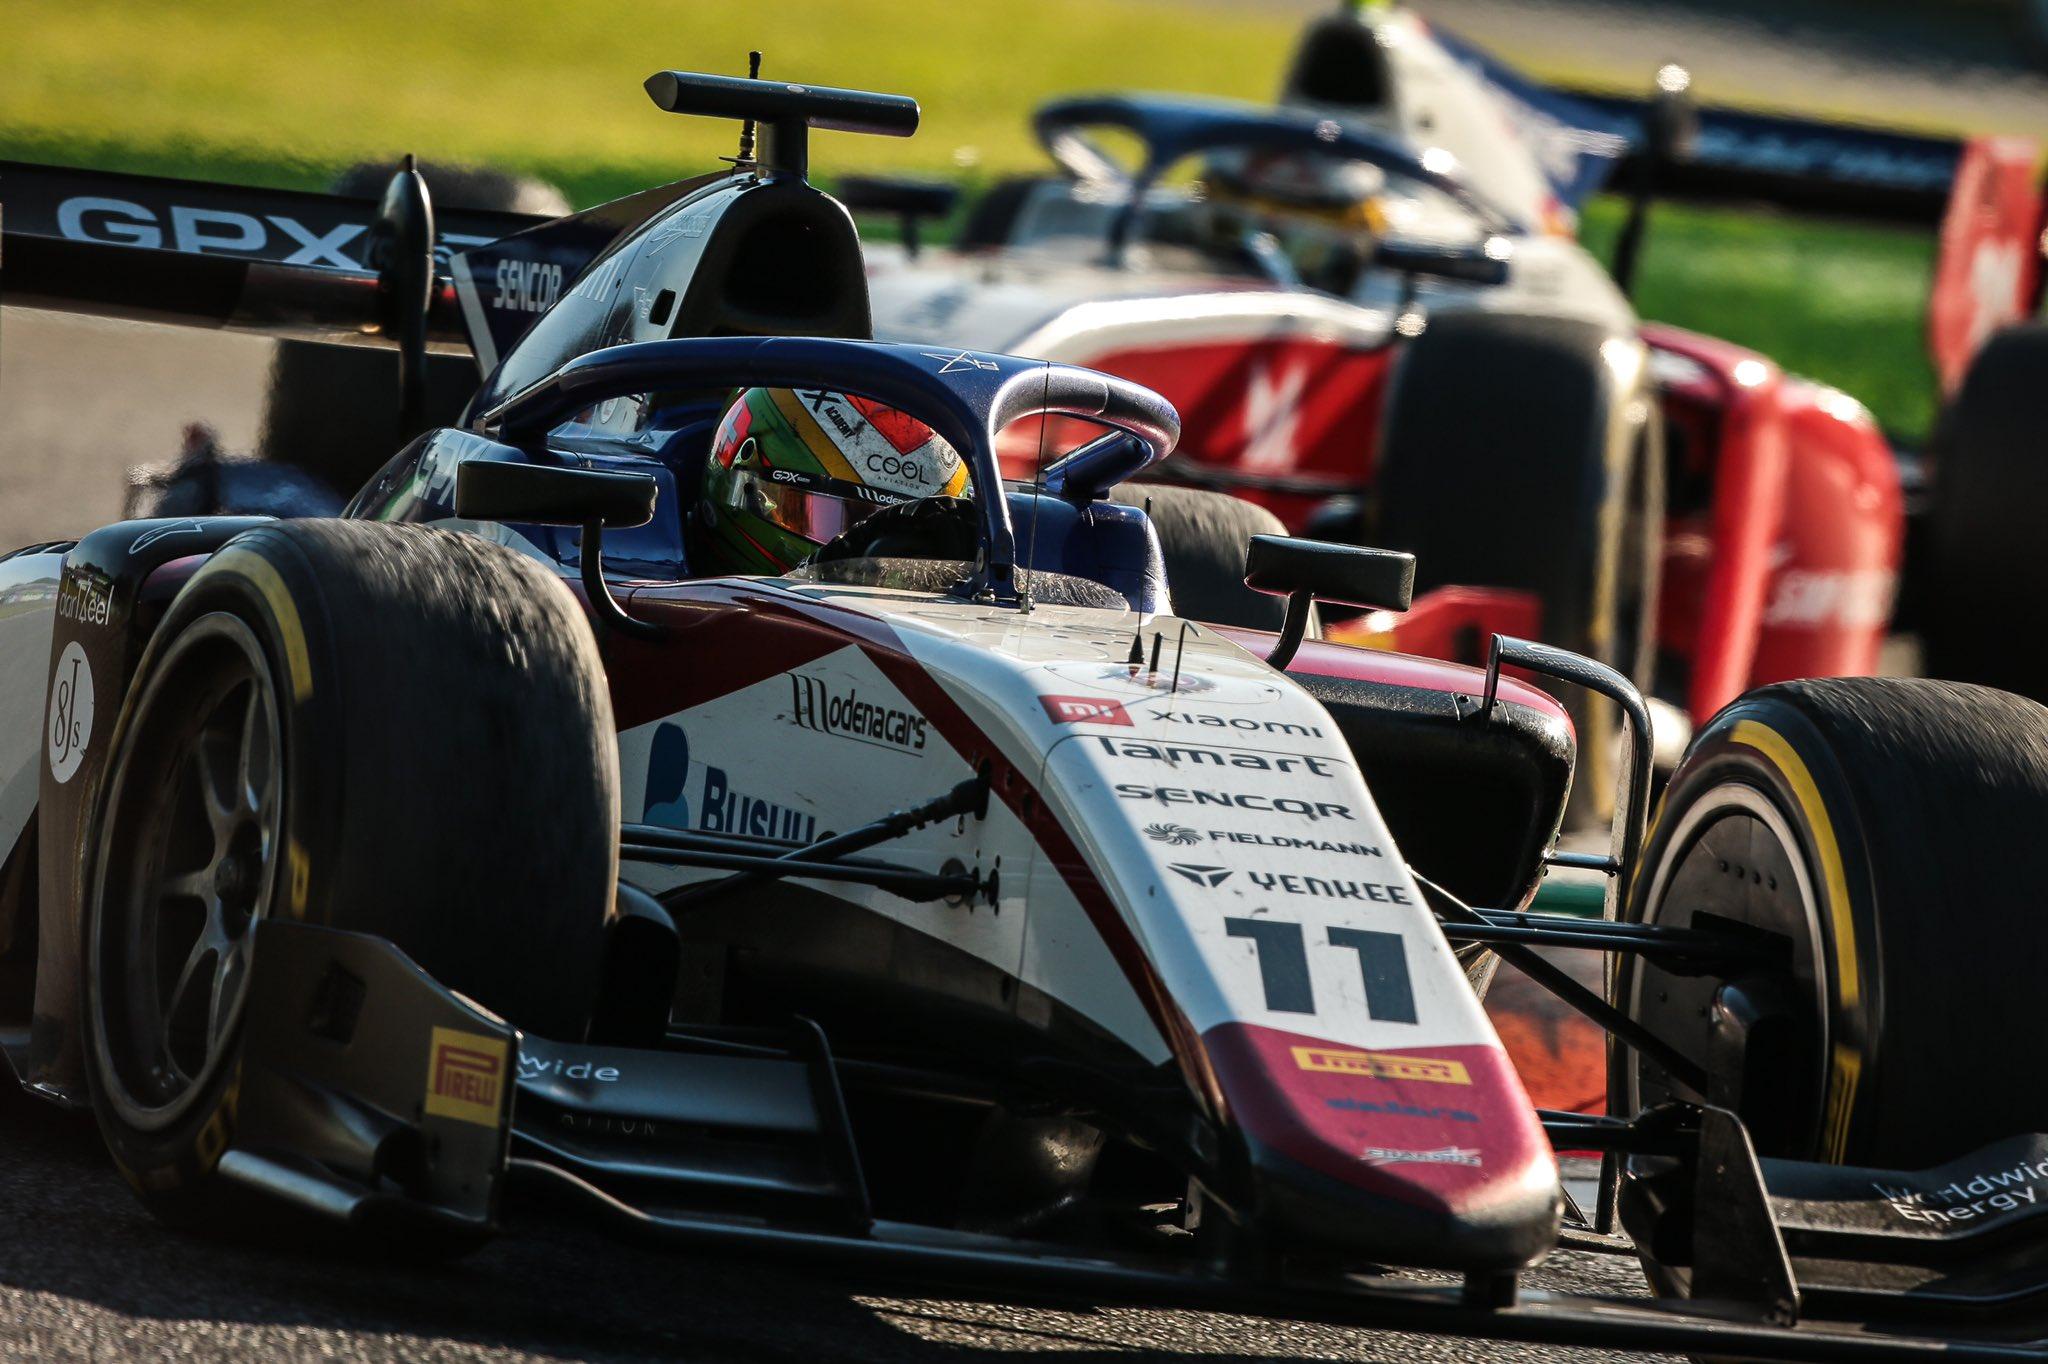 FIA F2 – GP d'Italie: Louis Delétraz termine encore au pied du podium. Victoire de Mick Schumacher